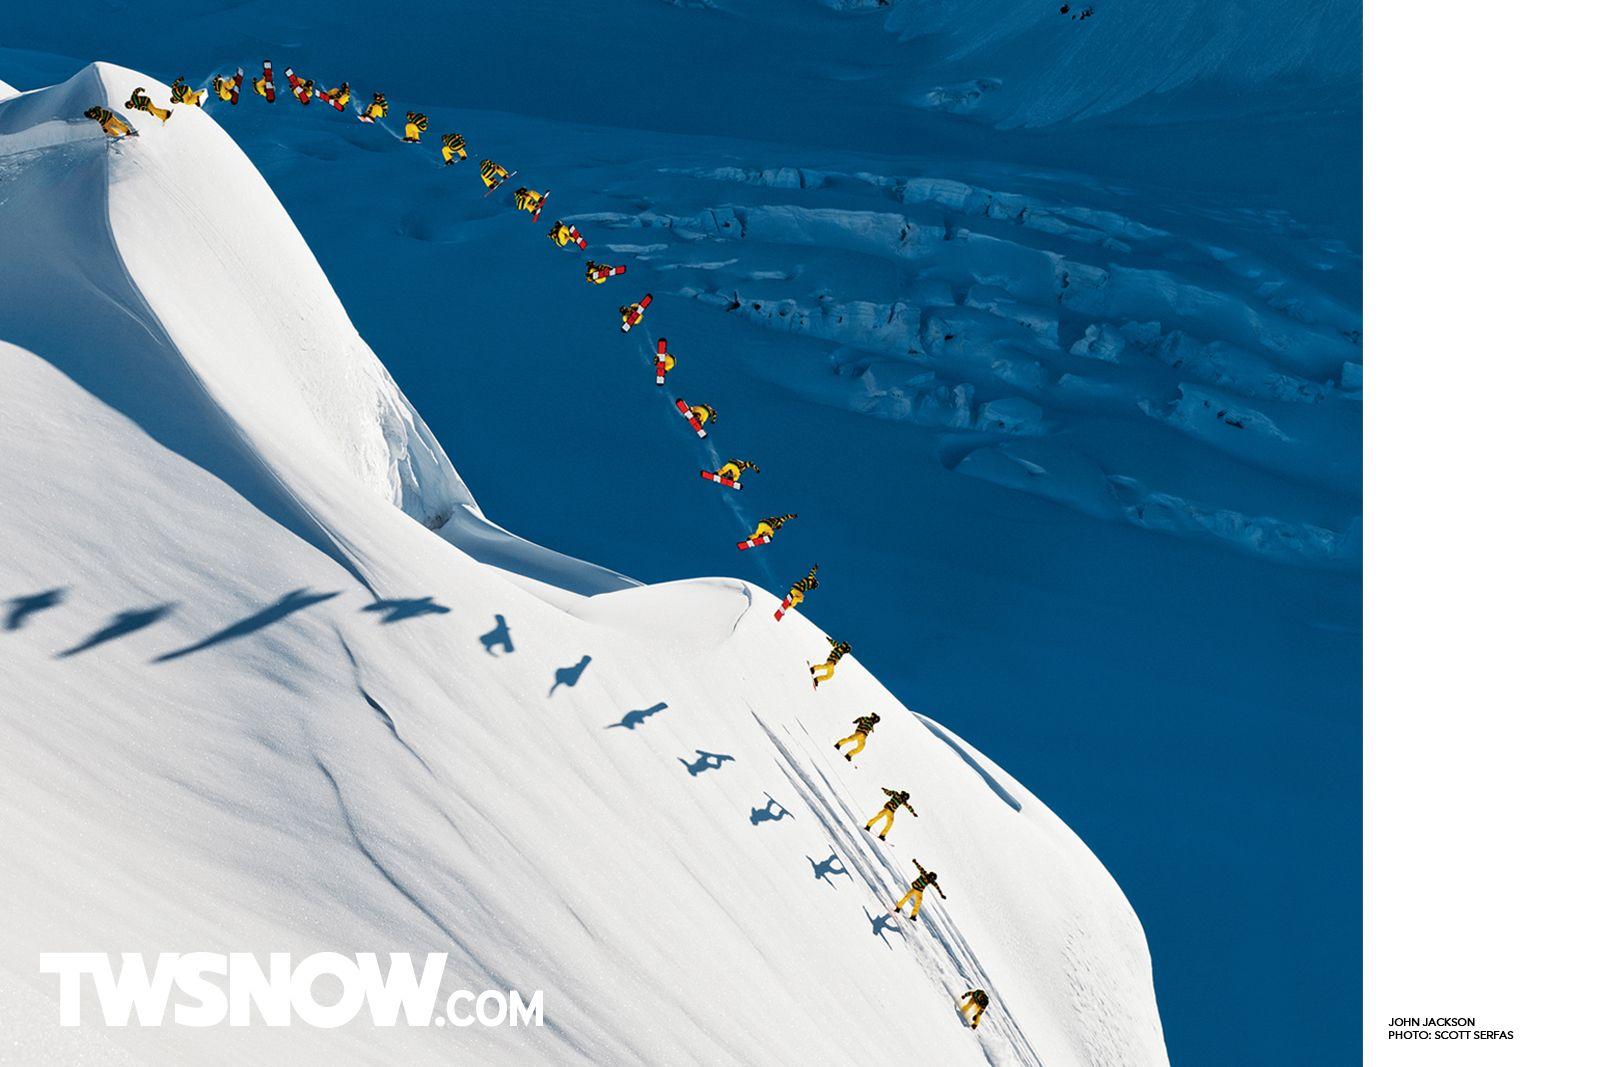 Wallpaper Wednesday Forever Forum Snowboarding Transworld